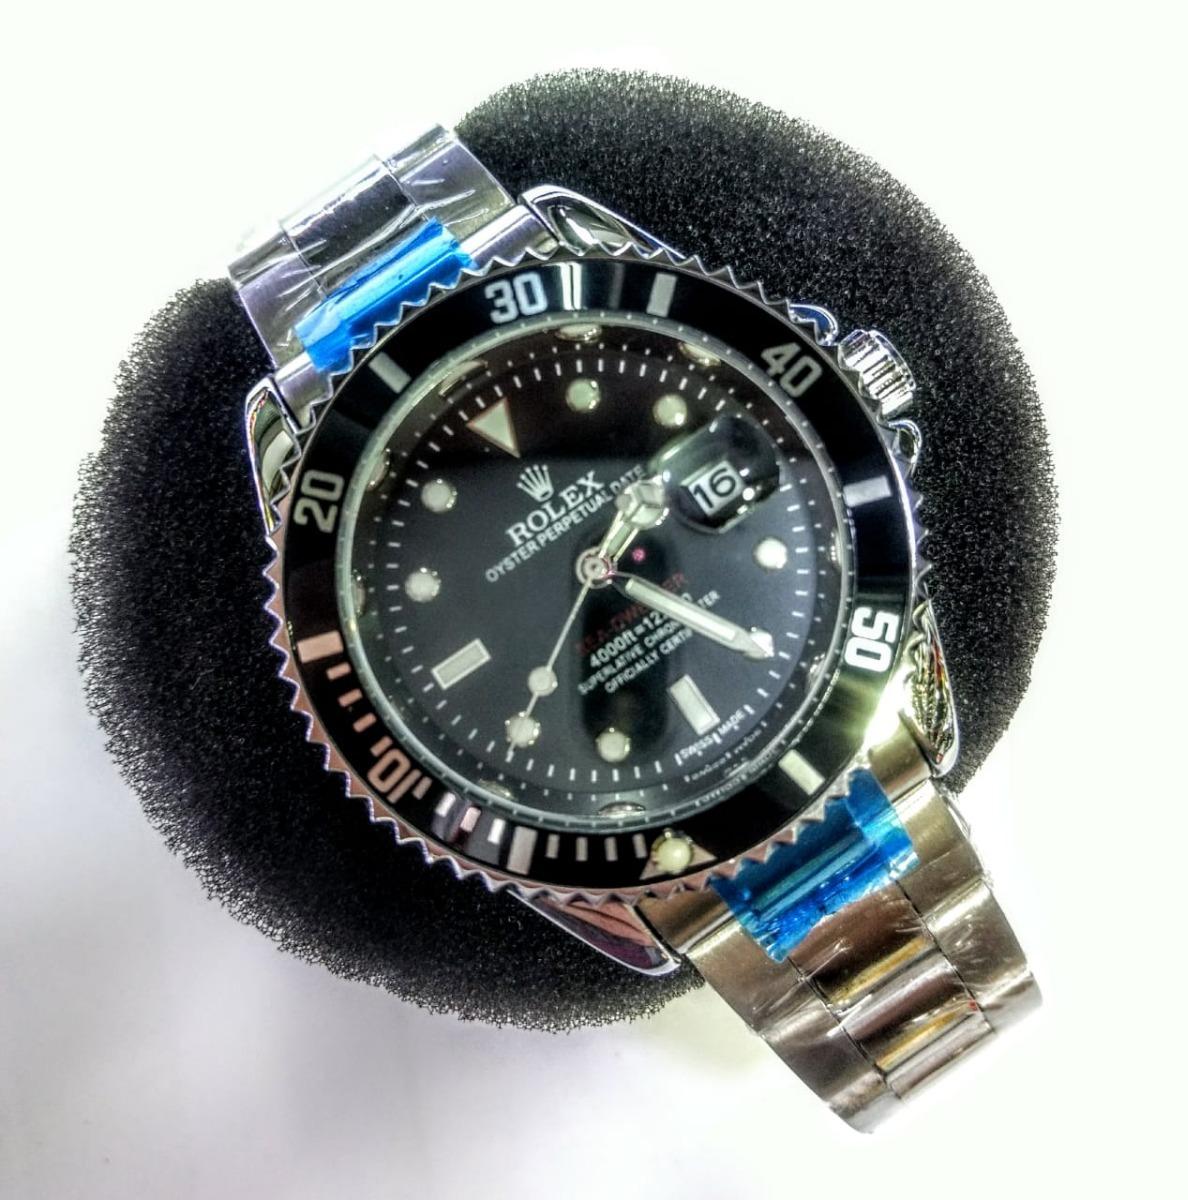 d822729b730 submariner black com caixa. Carregando zoom.